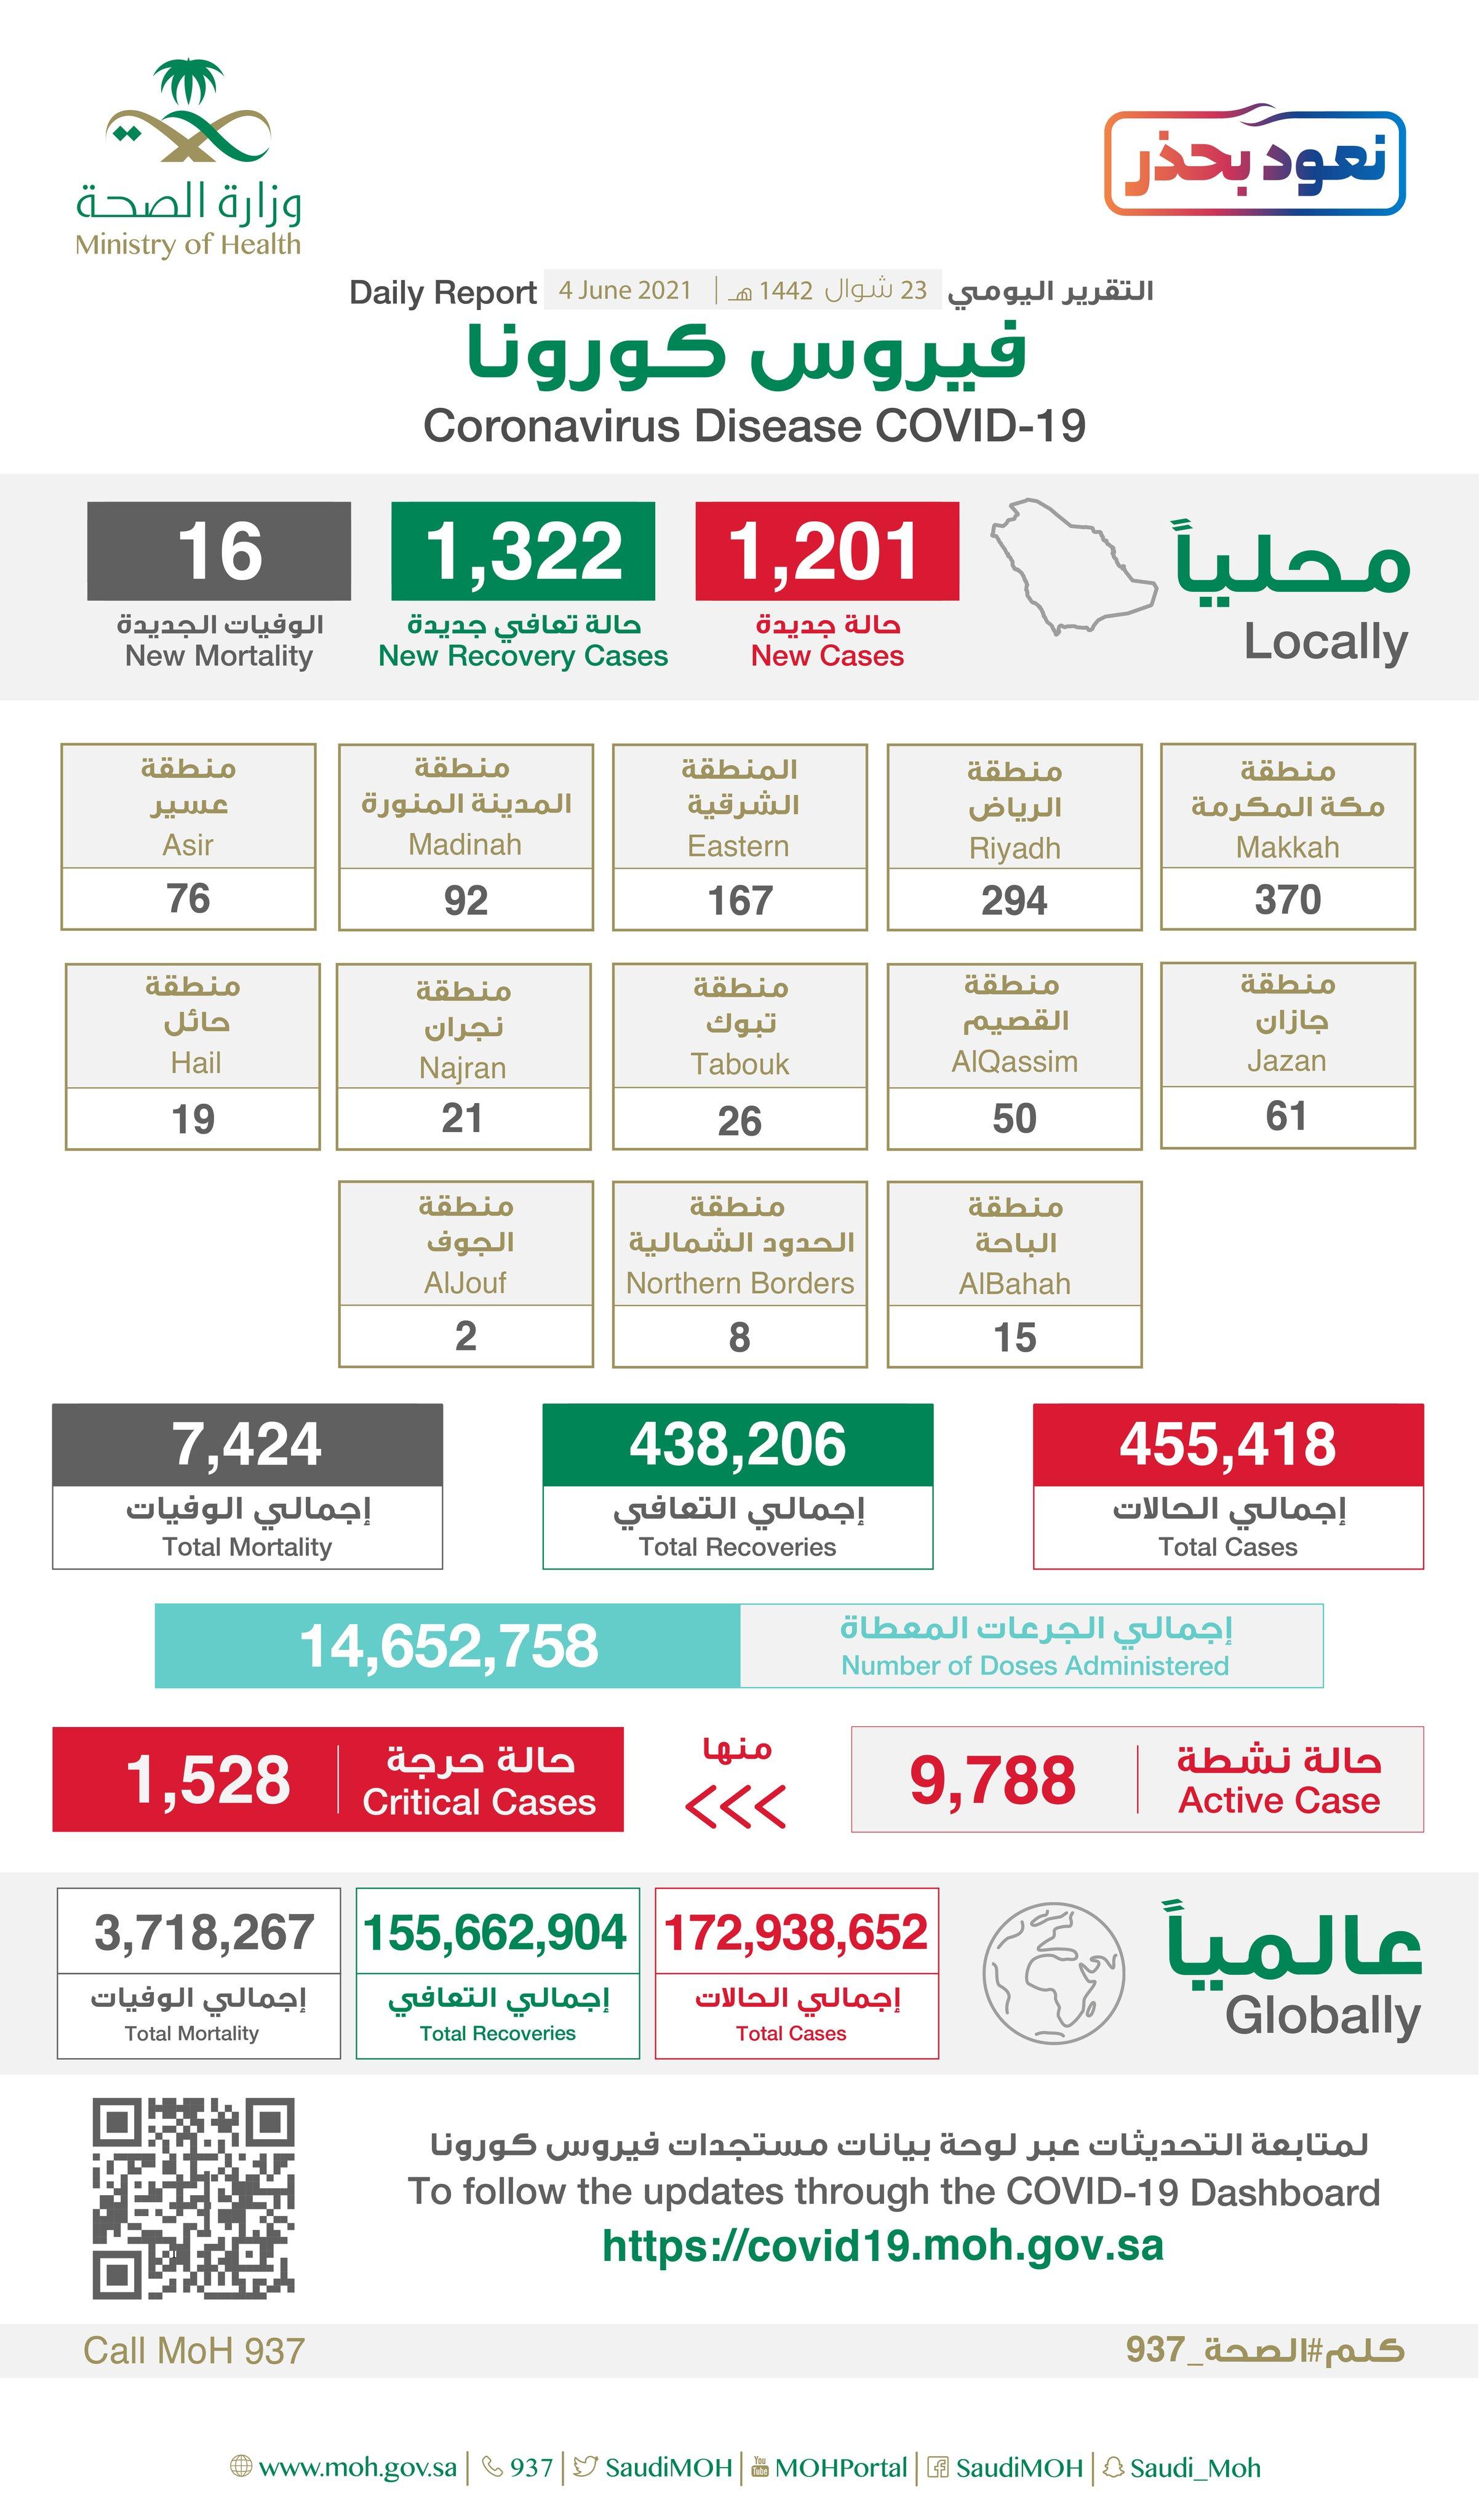 1201 إصابة جديدة بفيروس كورونا في السعودية